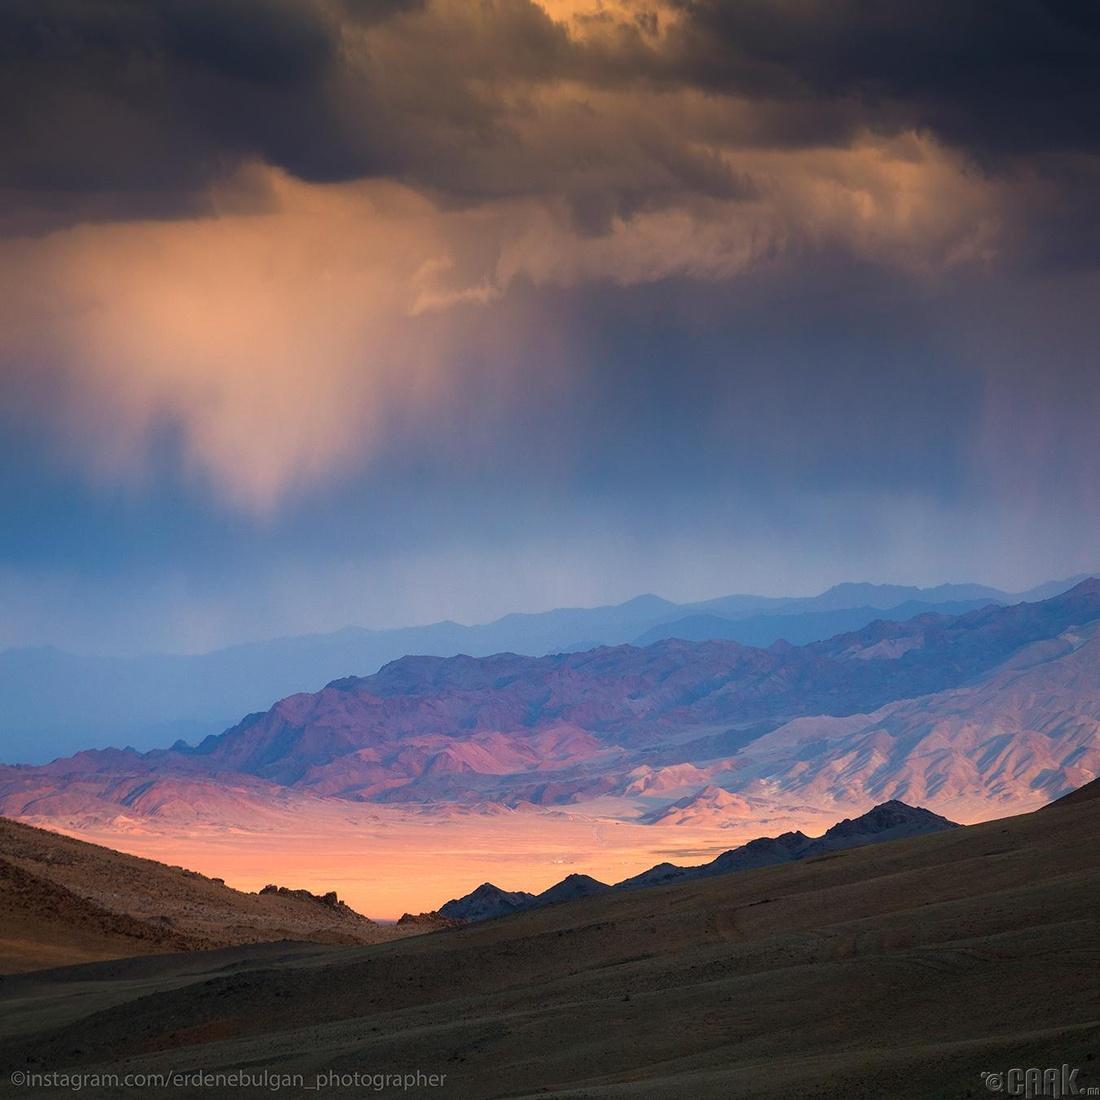 Монгол Алтайн нуруунд. Говь-Алтай аймаг